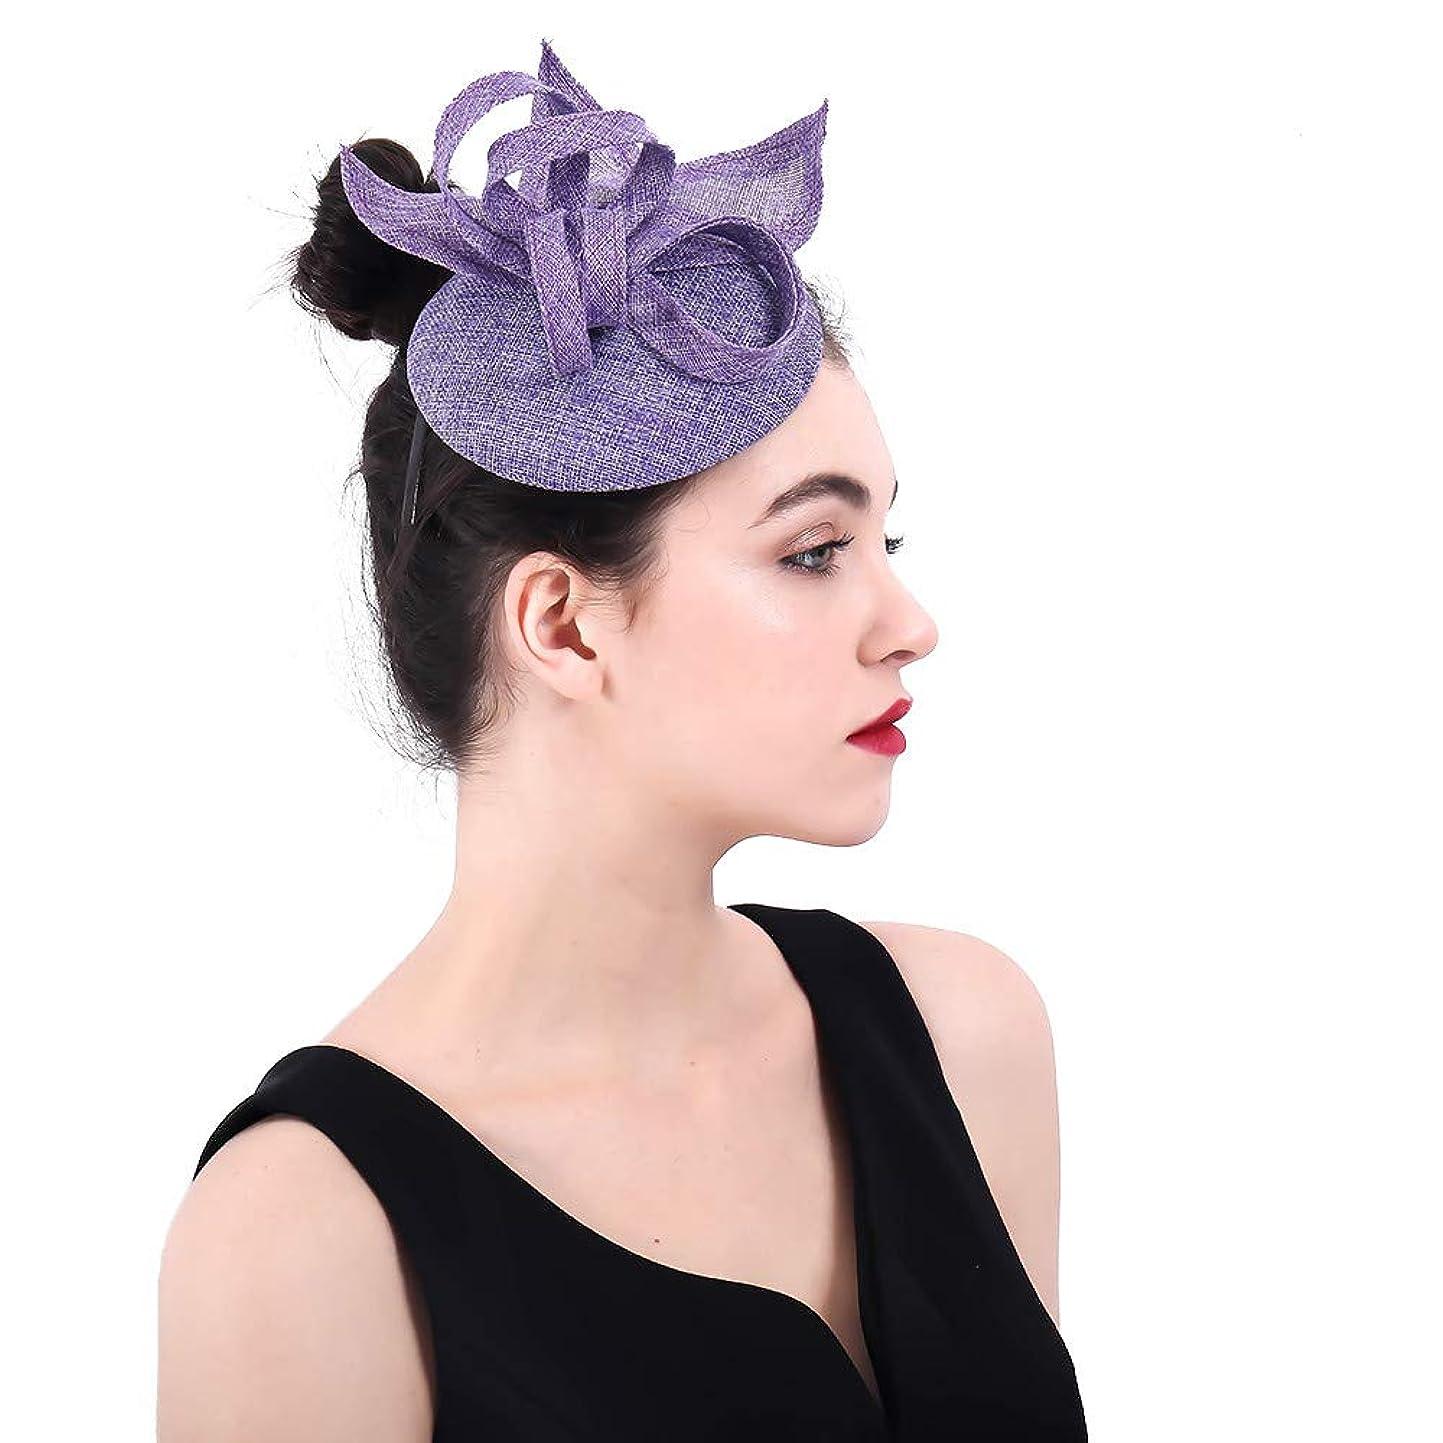 振り子ドループトロピカル女性の魅力的な帽子 女性のSinamayヘッドバンド魅惑的な結婚式の頭飾りの花レディースコンテストロイヤルアスコットピルボックスカクテルパーティーダービーキャップ (色 : 褐色)